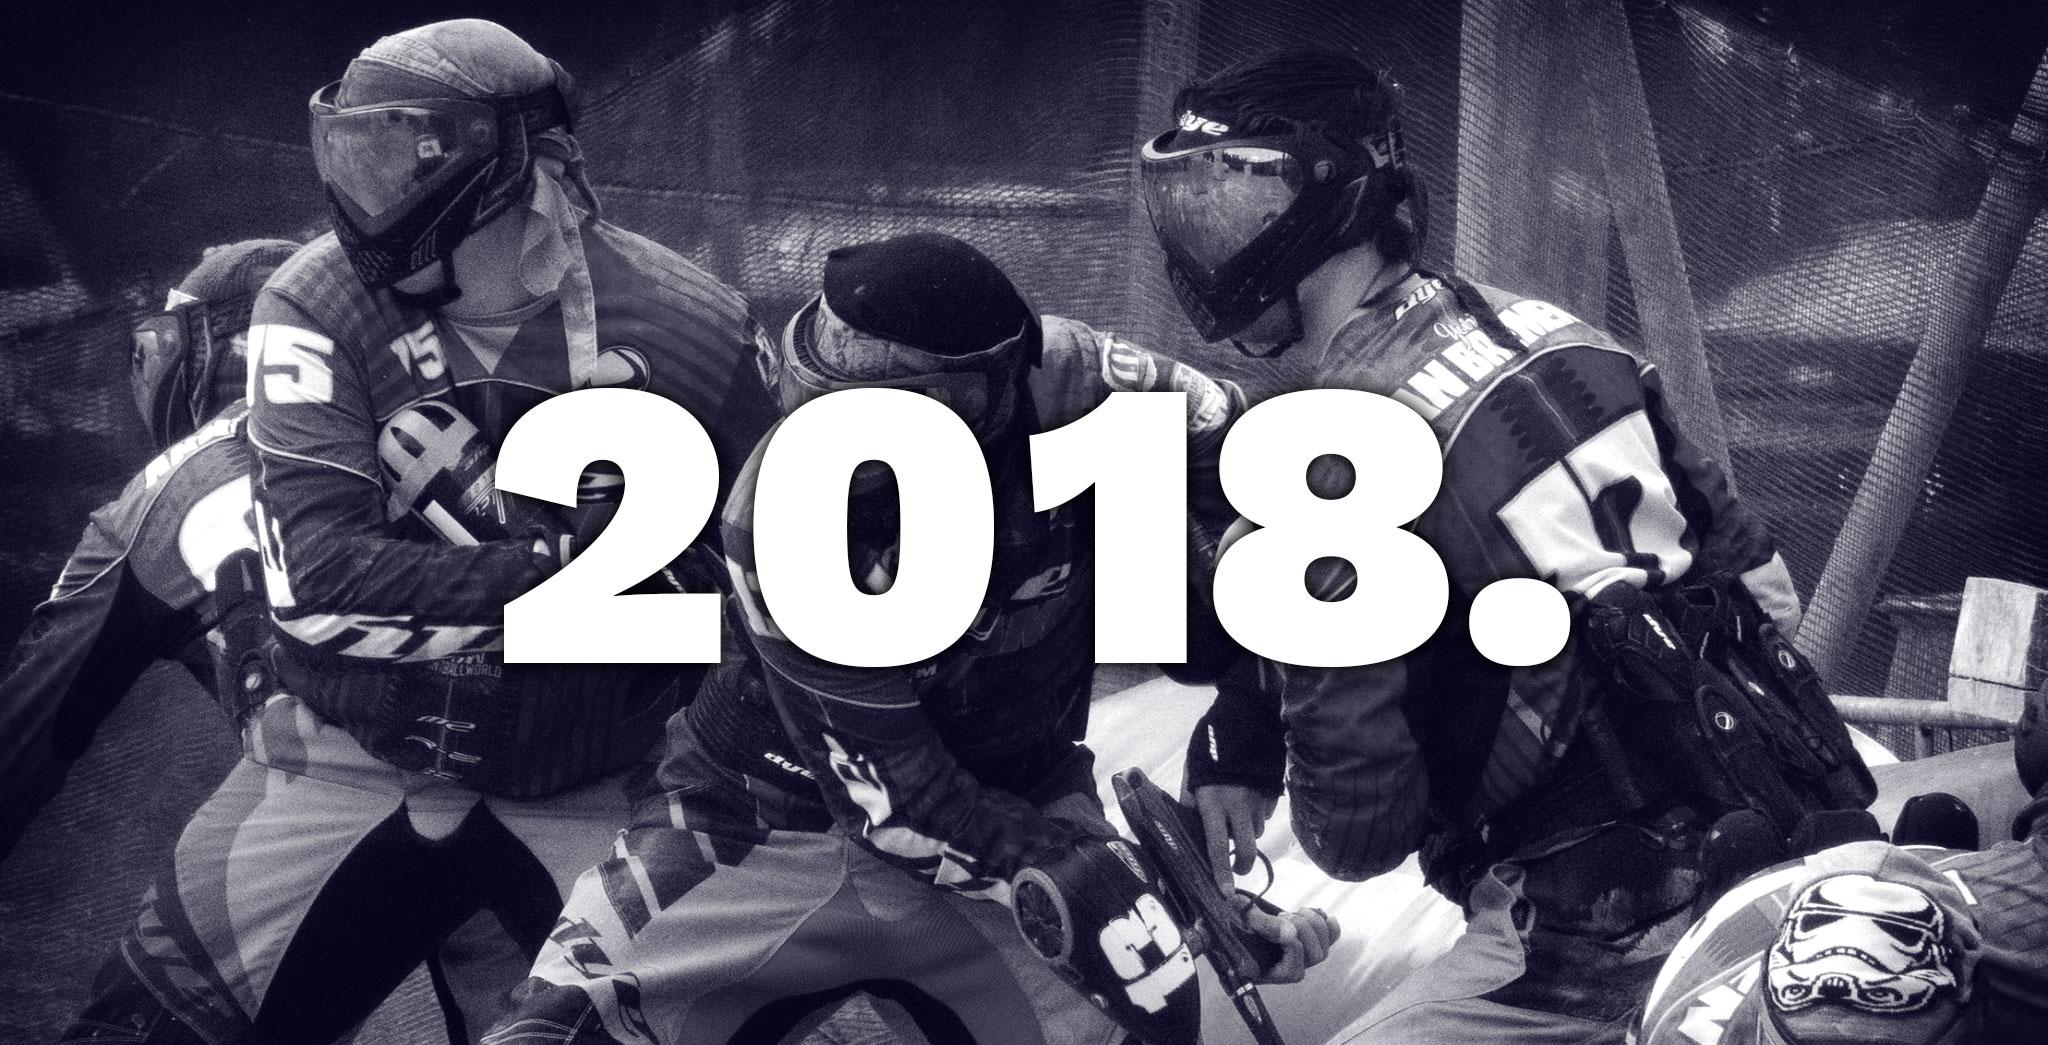 Slide-2018-3